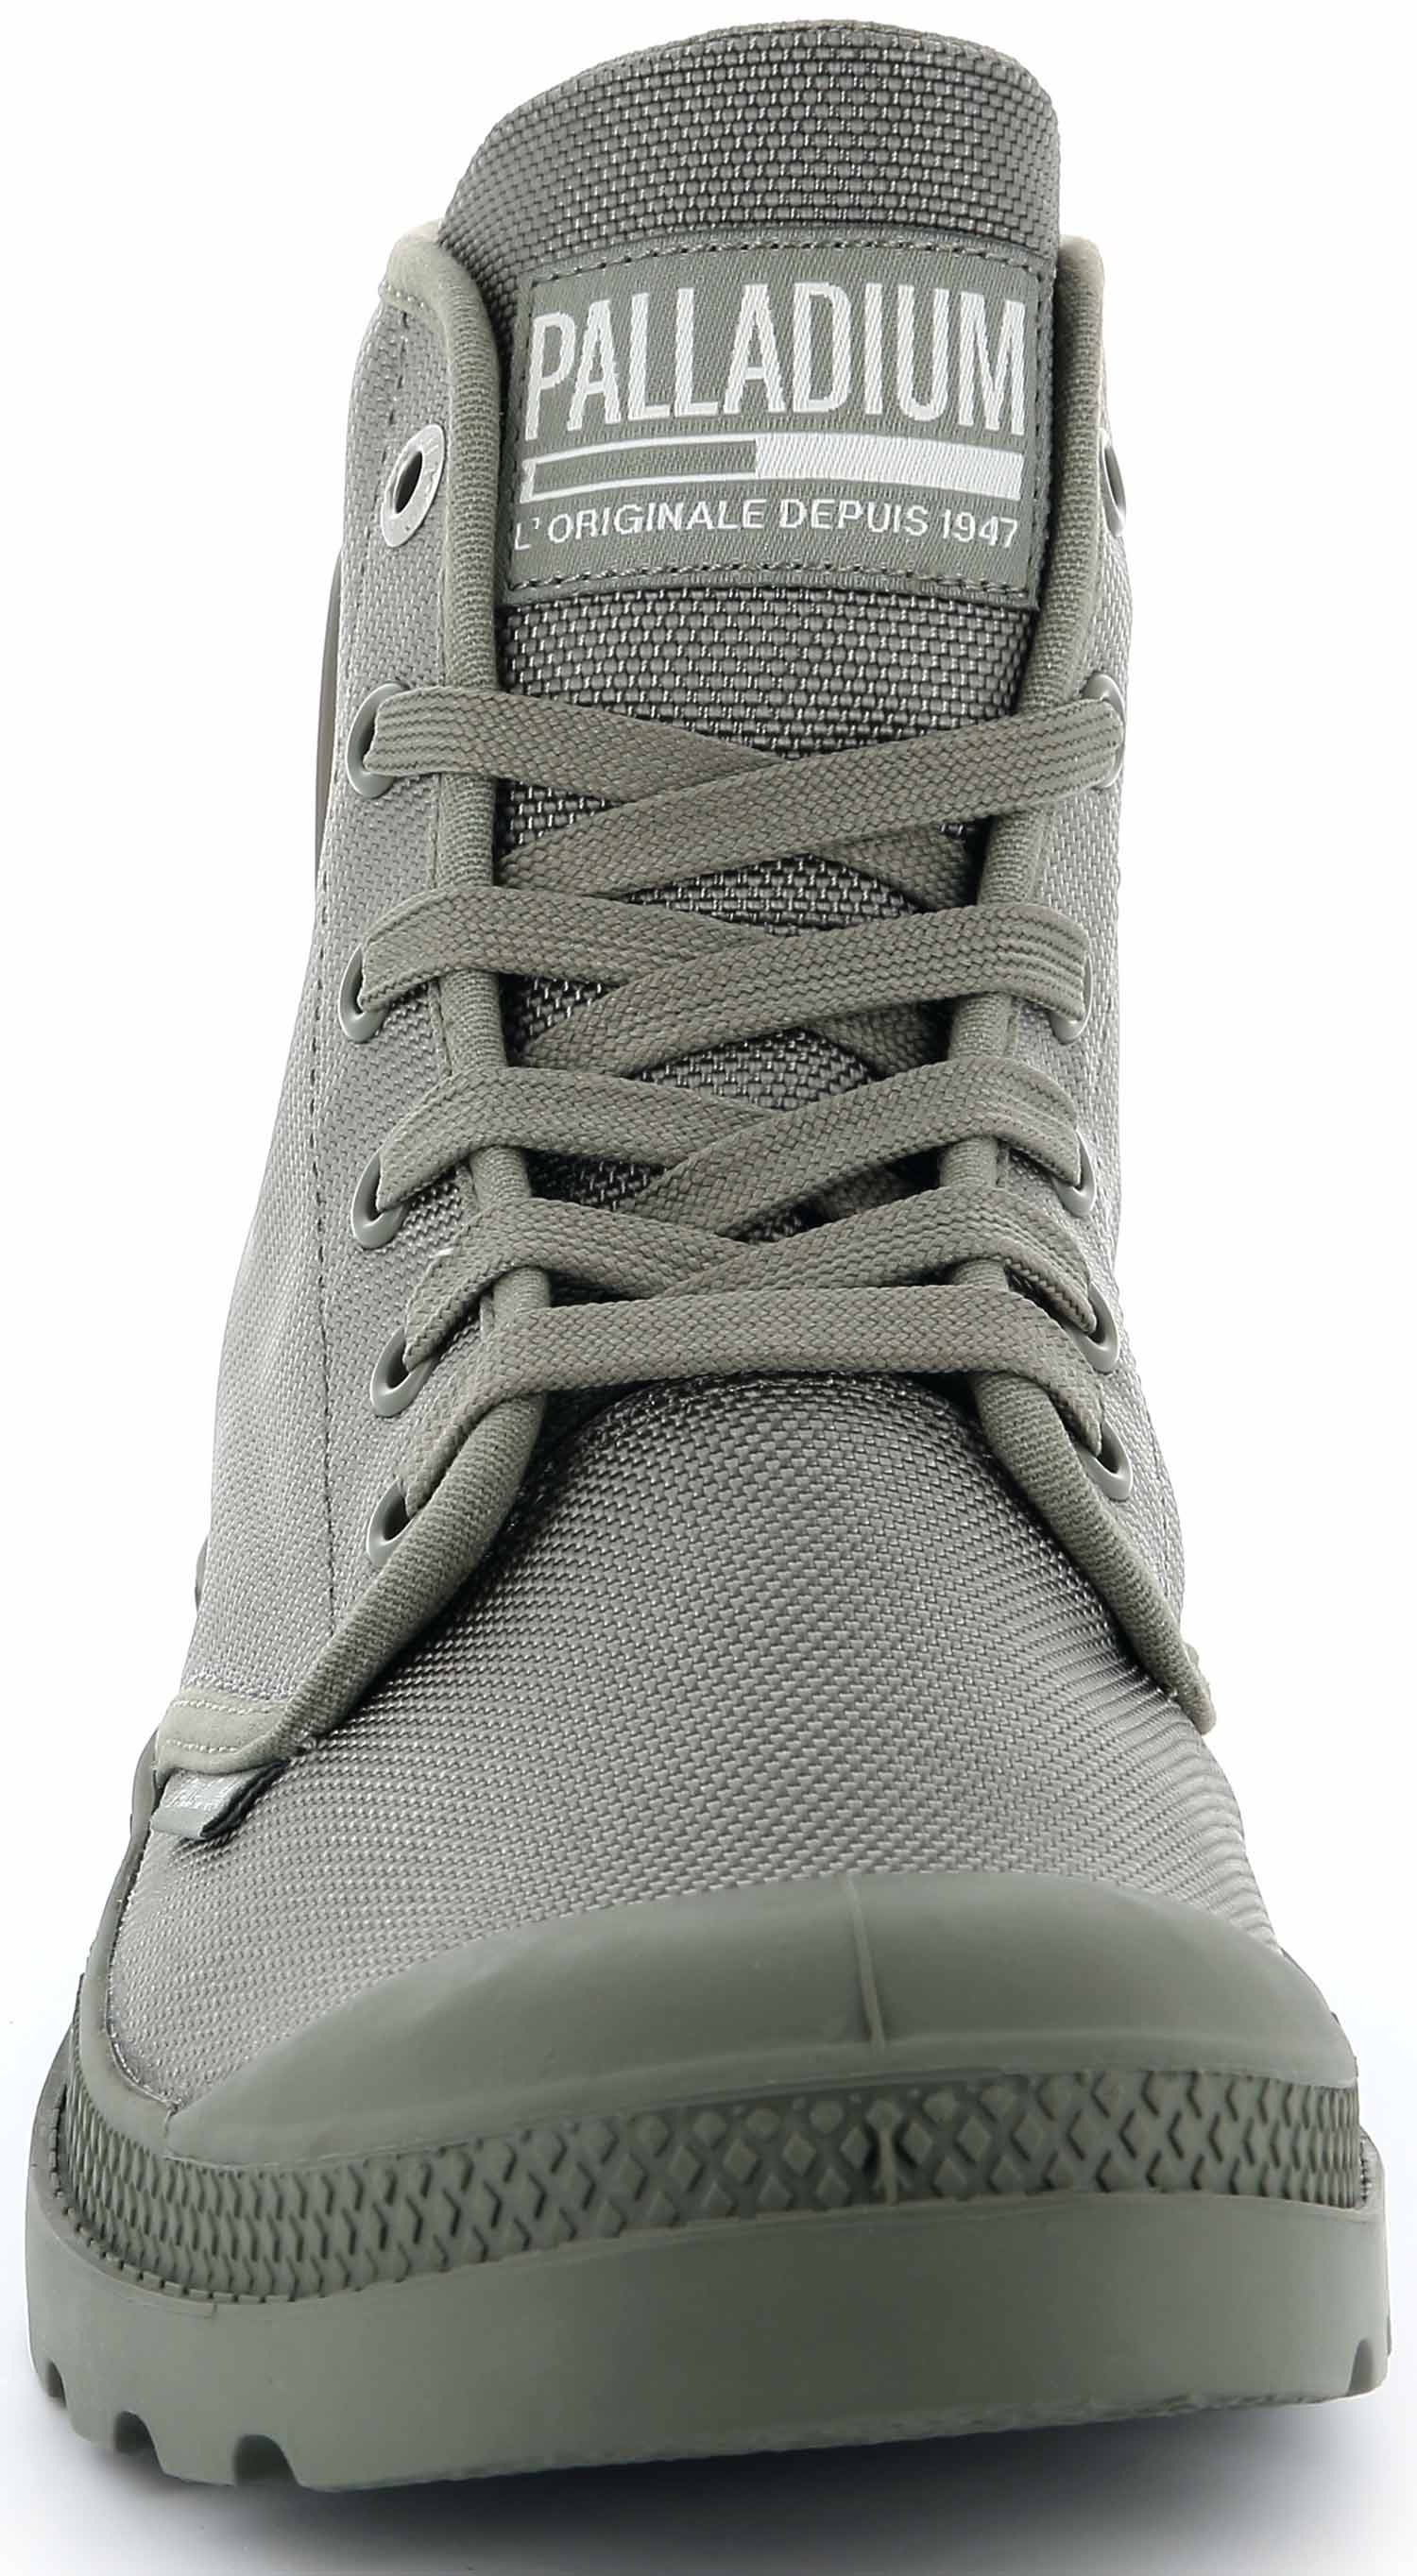 Palladium-mono-Chr-zapatos-botas-botas-casual-75330-339-m-gris-vetiver-nuevo